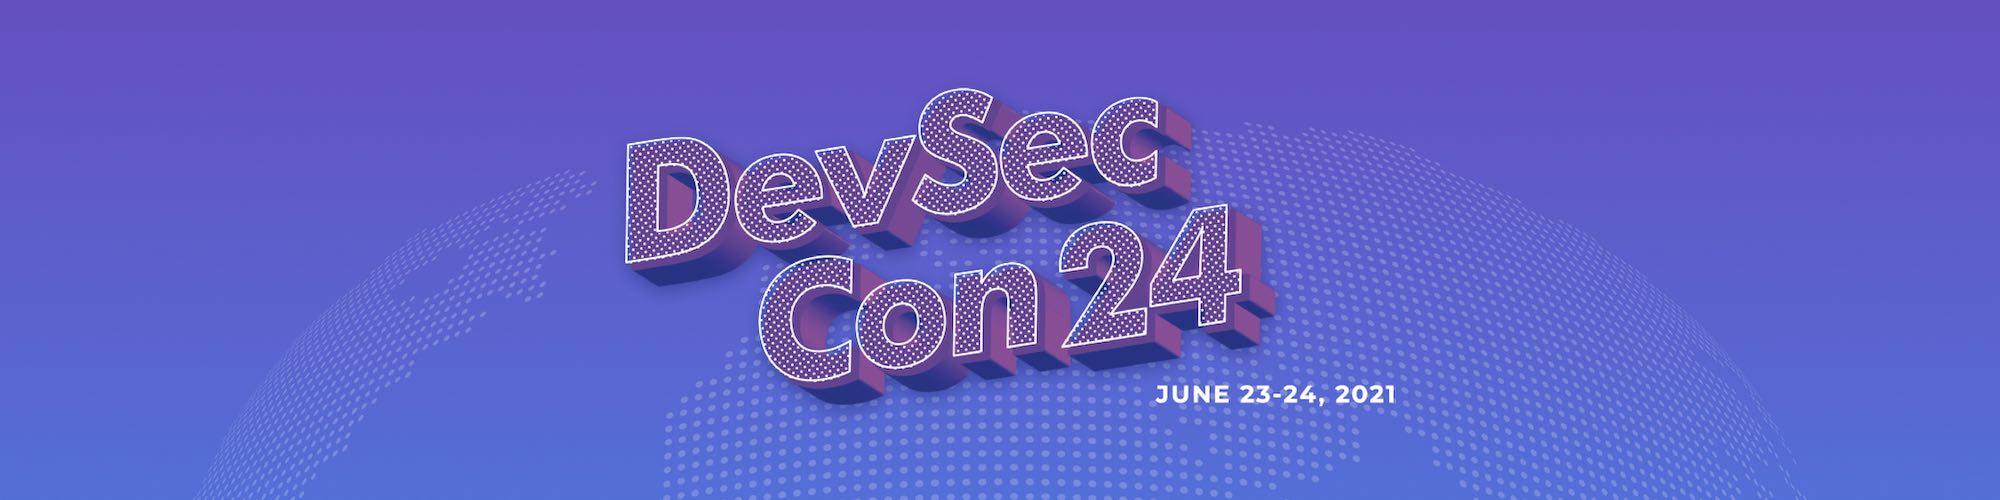 DevSecCon24 2021 is June 23-24